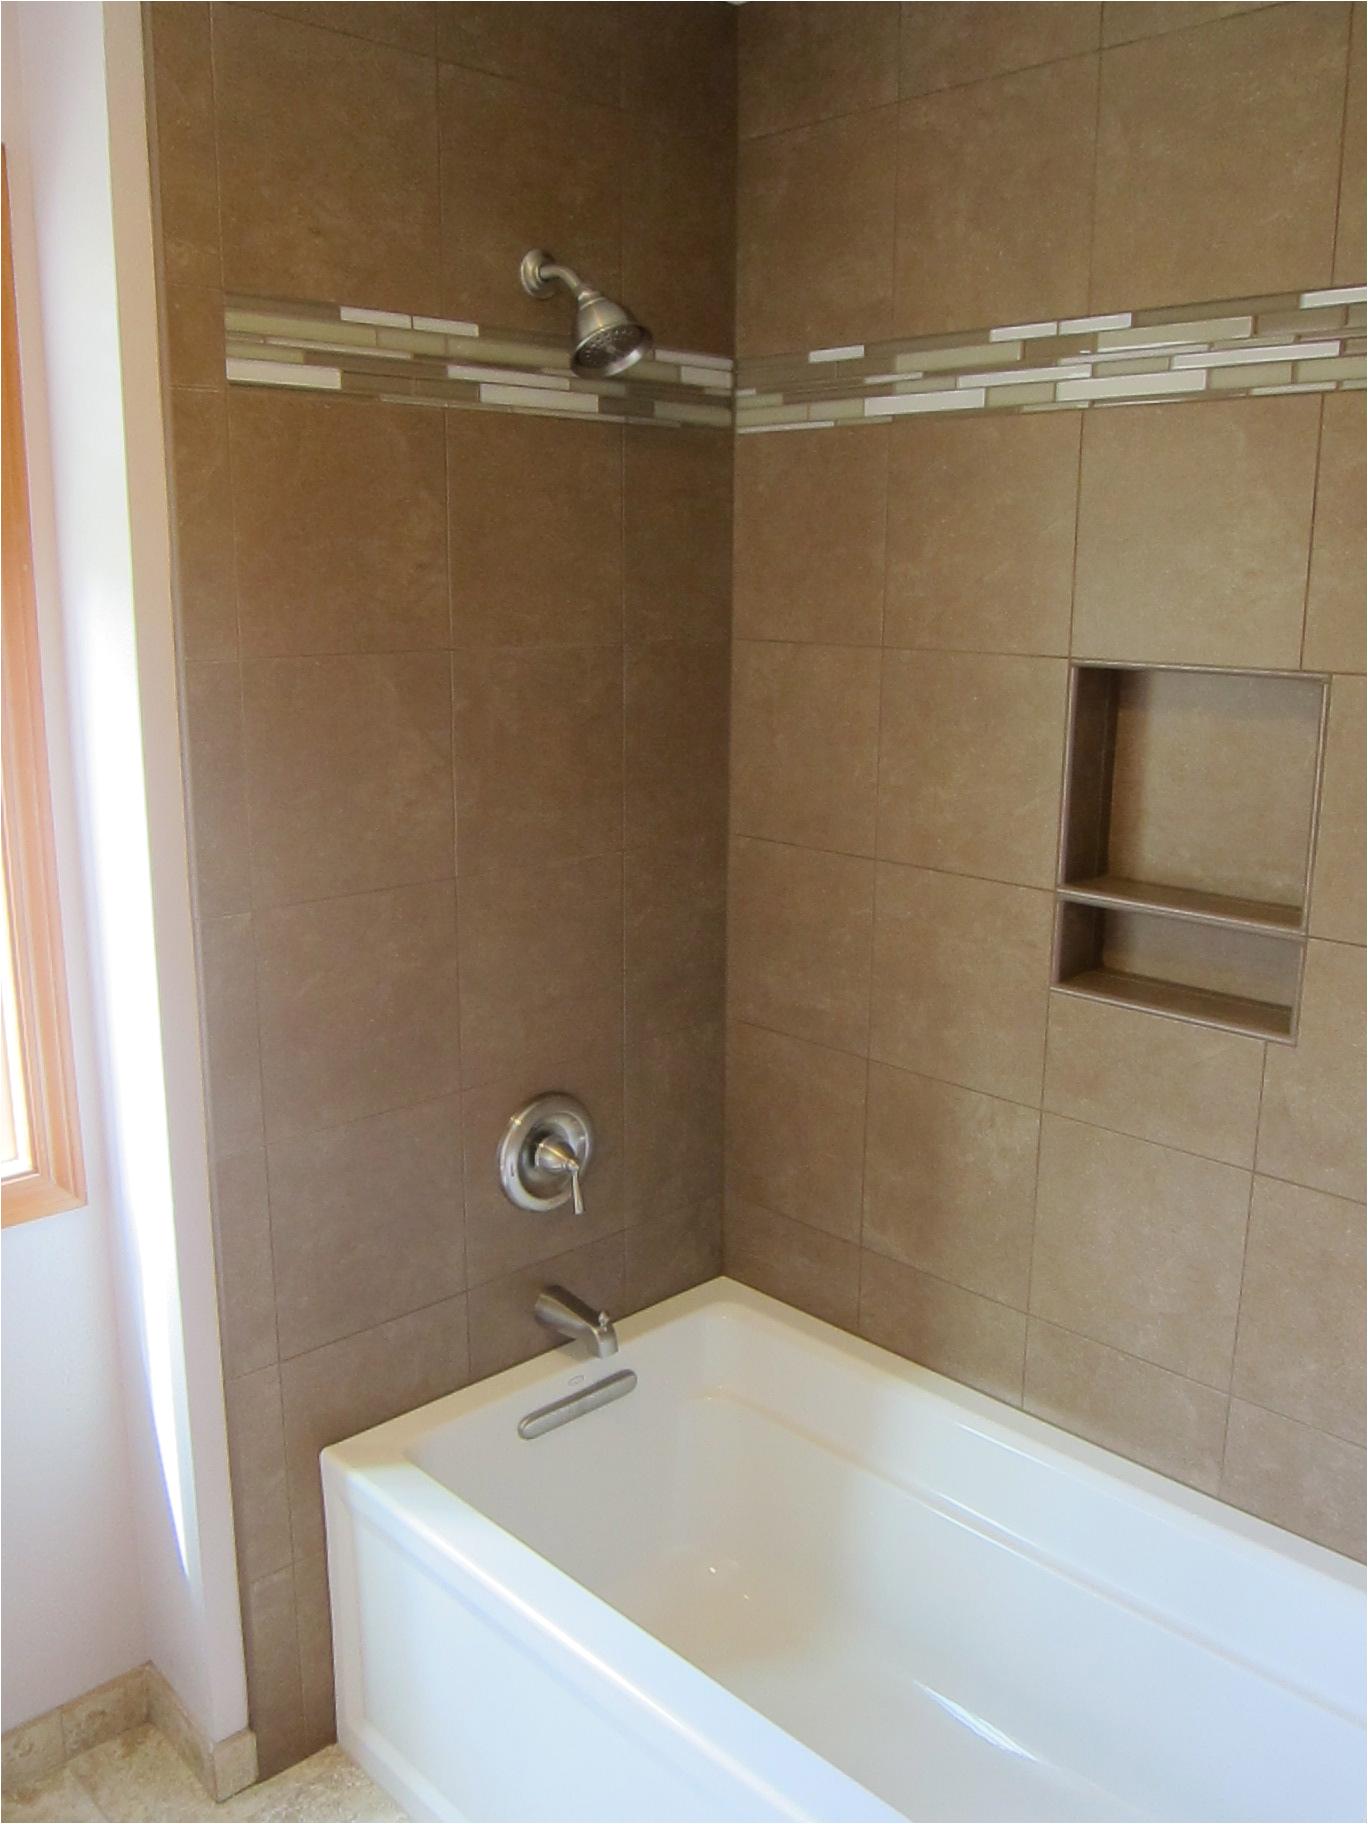 tag=bathrooms